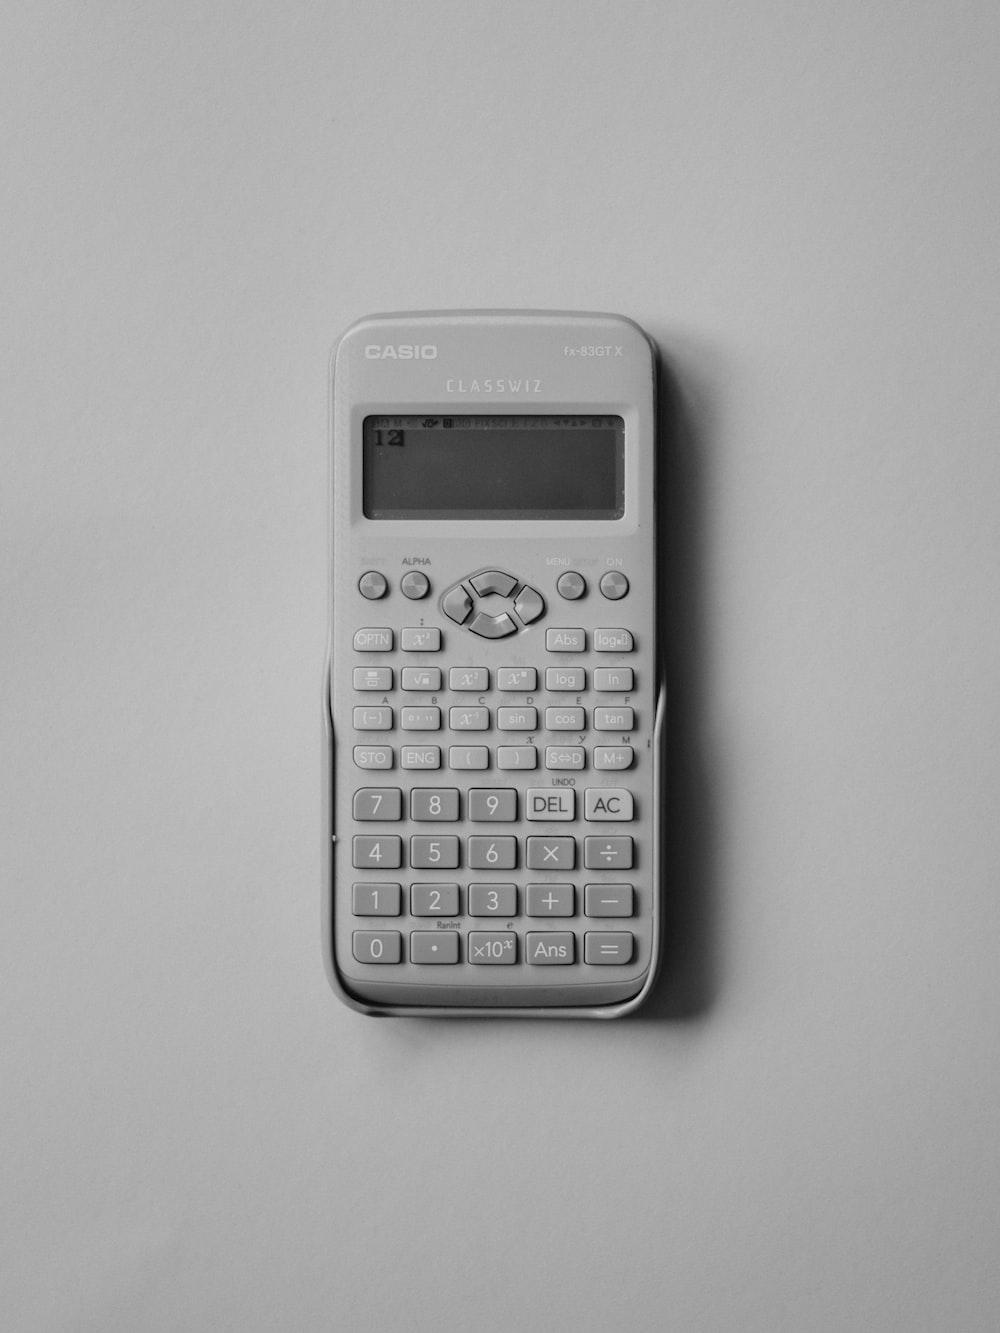 white Casio calculator